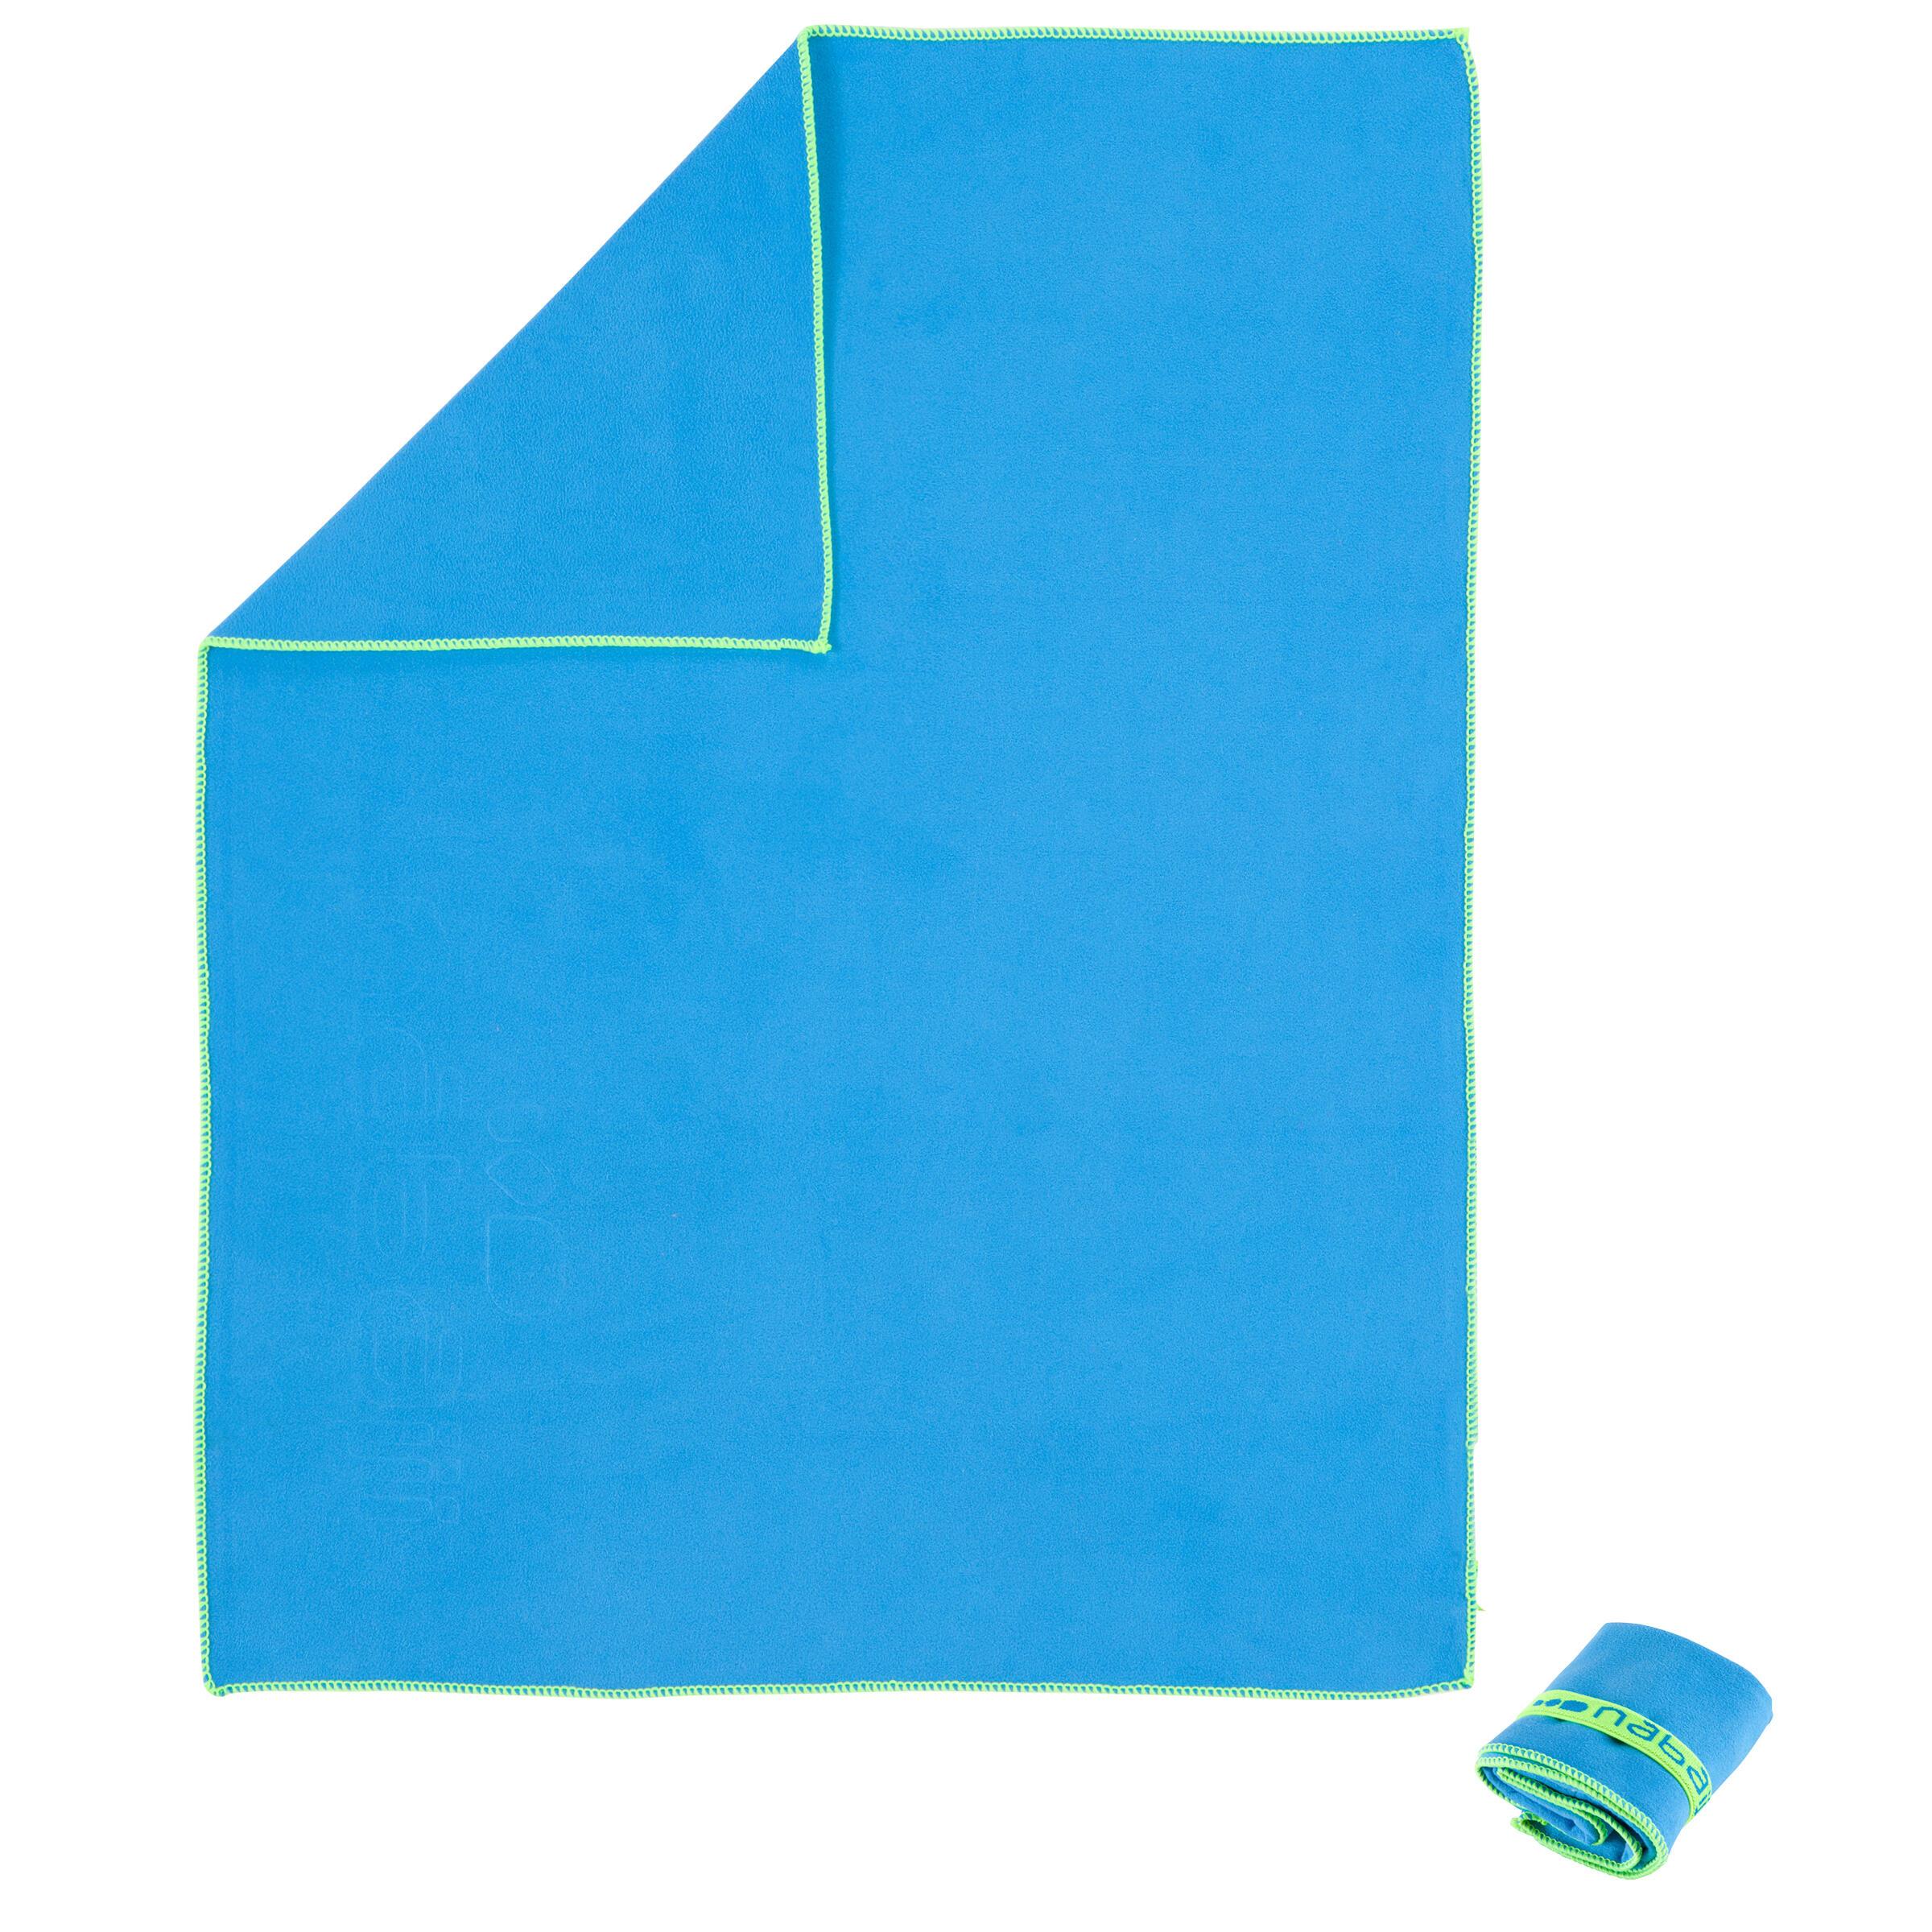 Microfibre towel size S 42 x 55 cm - Biru